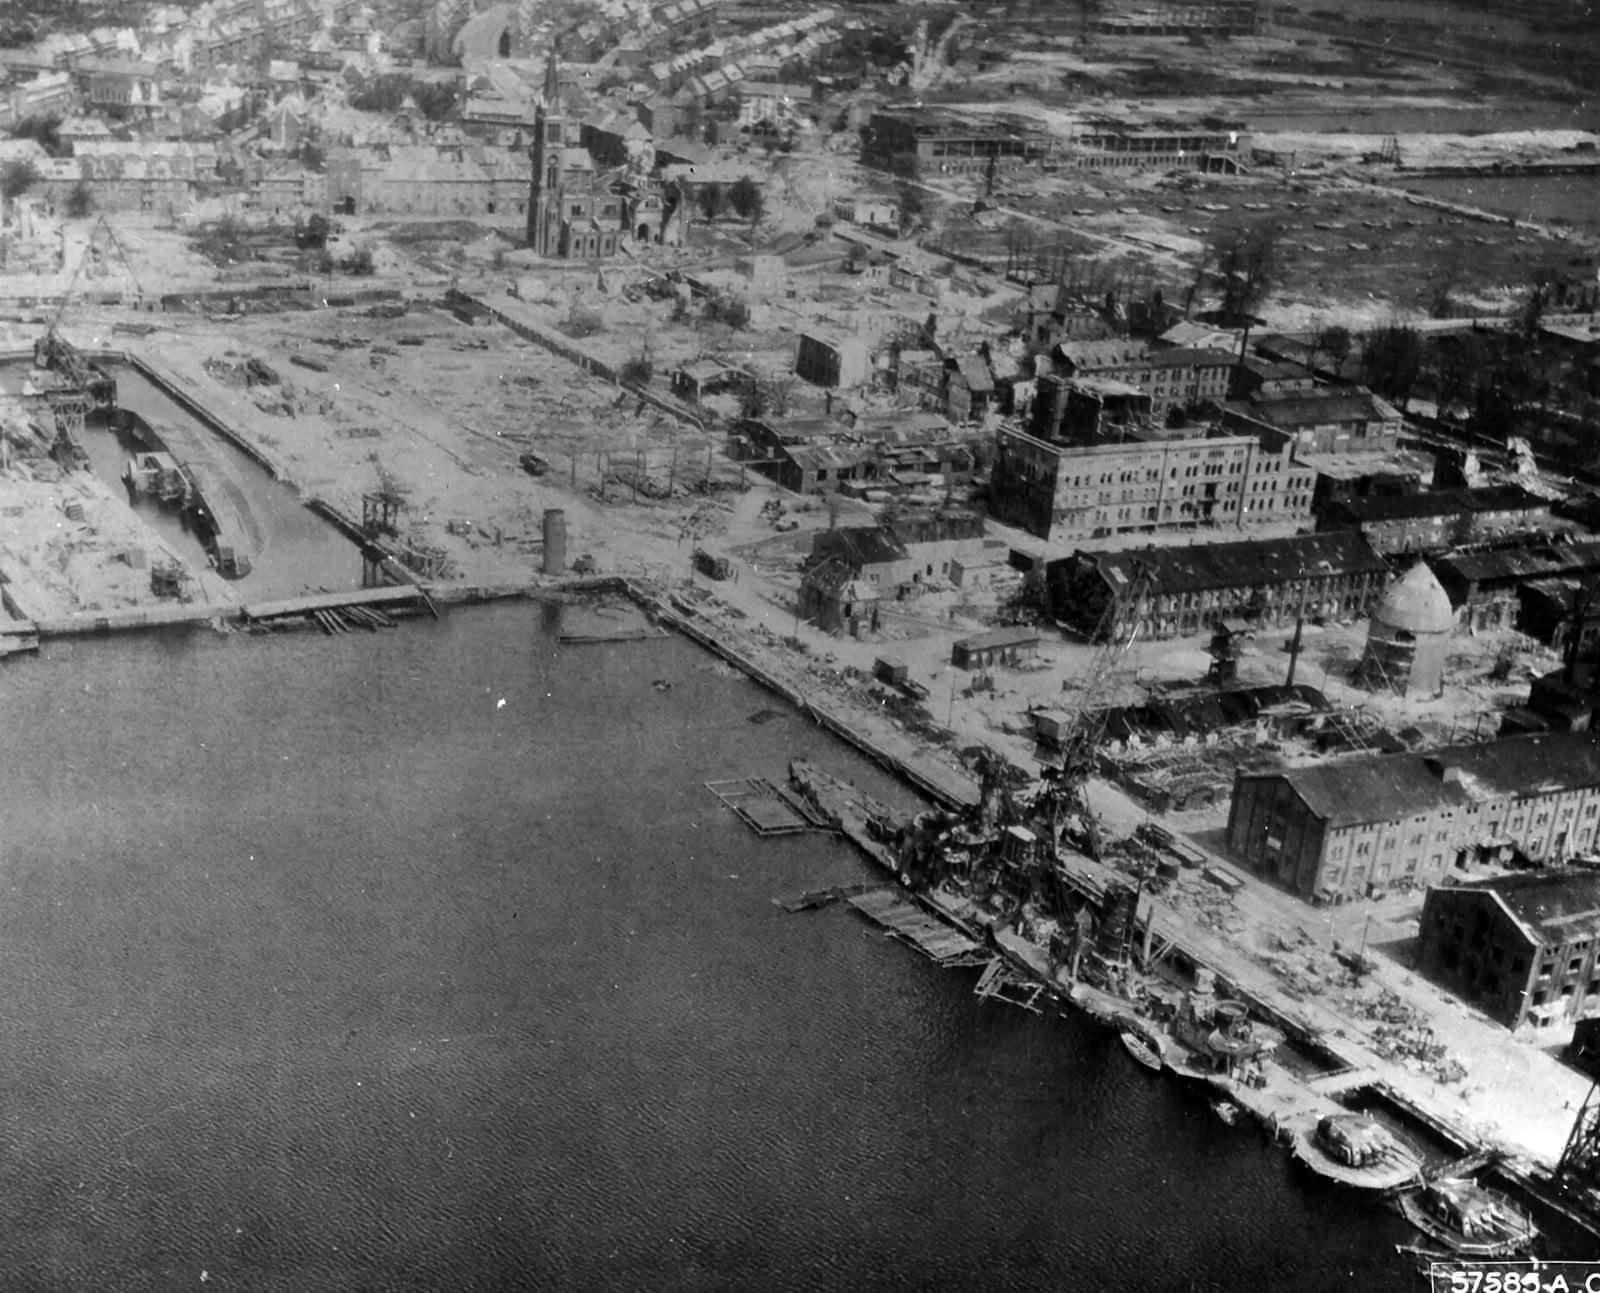 Wilhelmshaven Shipyards In Ruins 1945